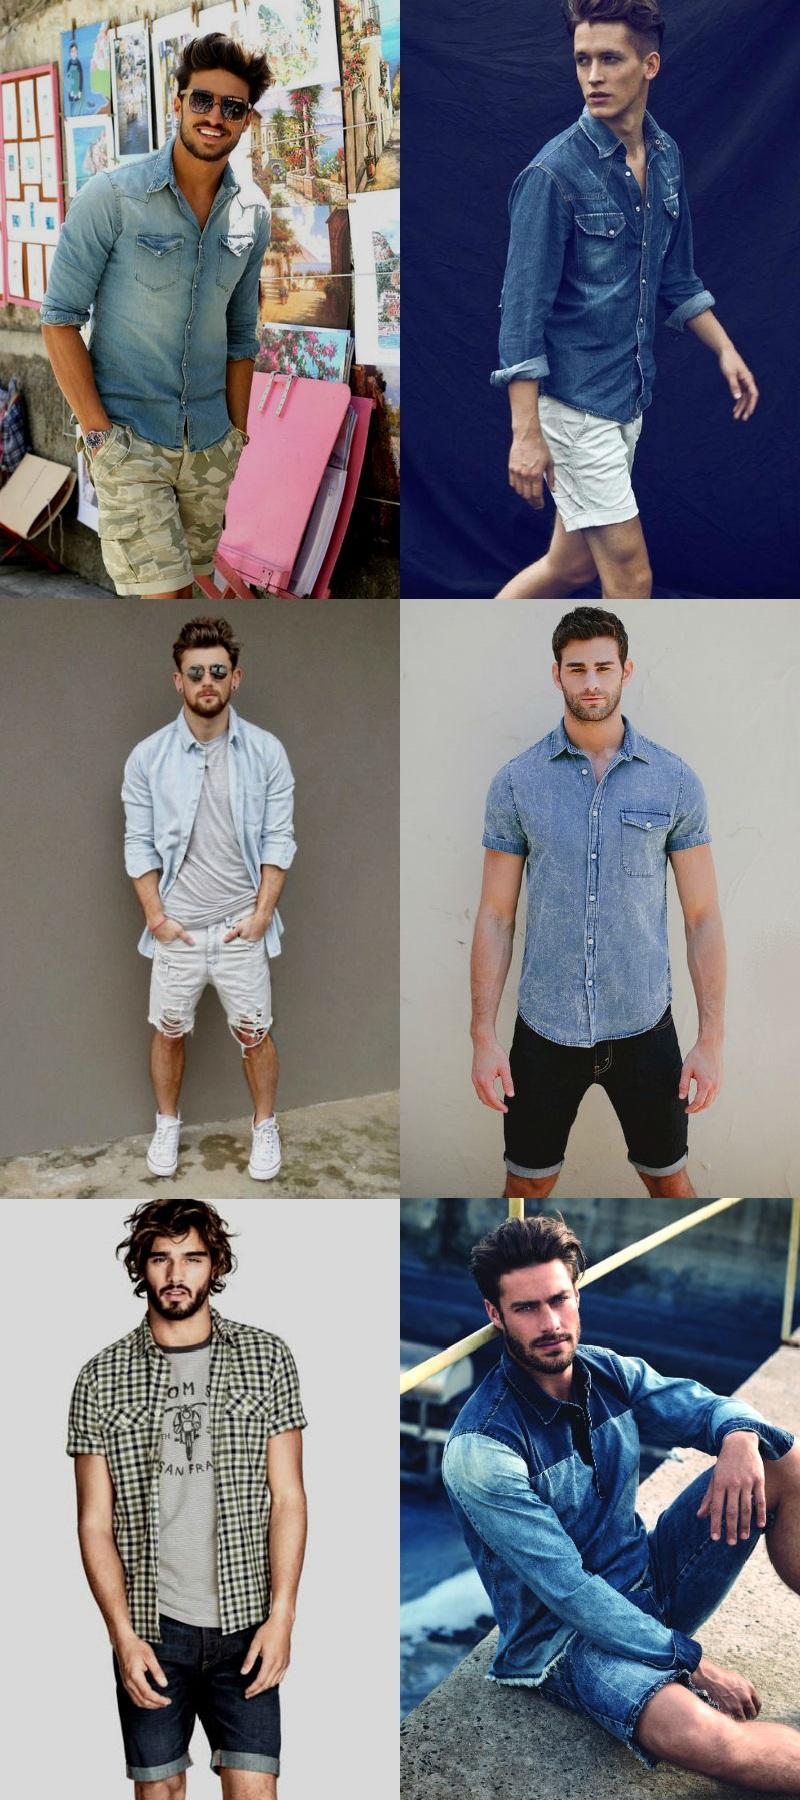 Homem No Espelho - Moda casual- bermudas camiseta jeans